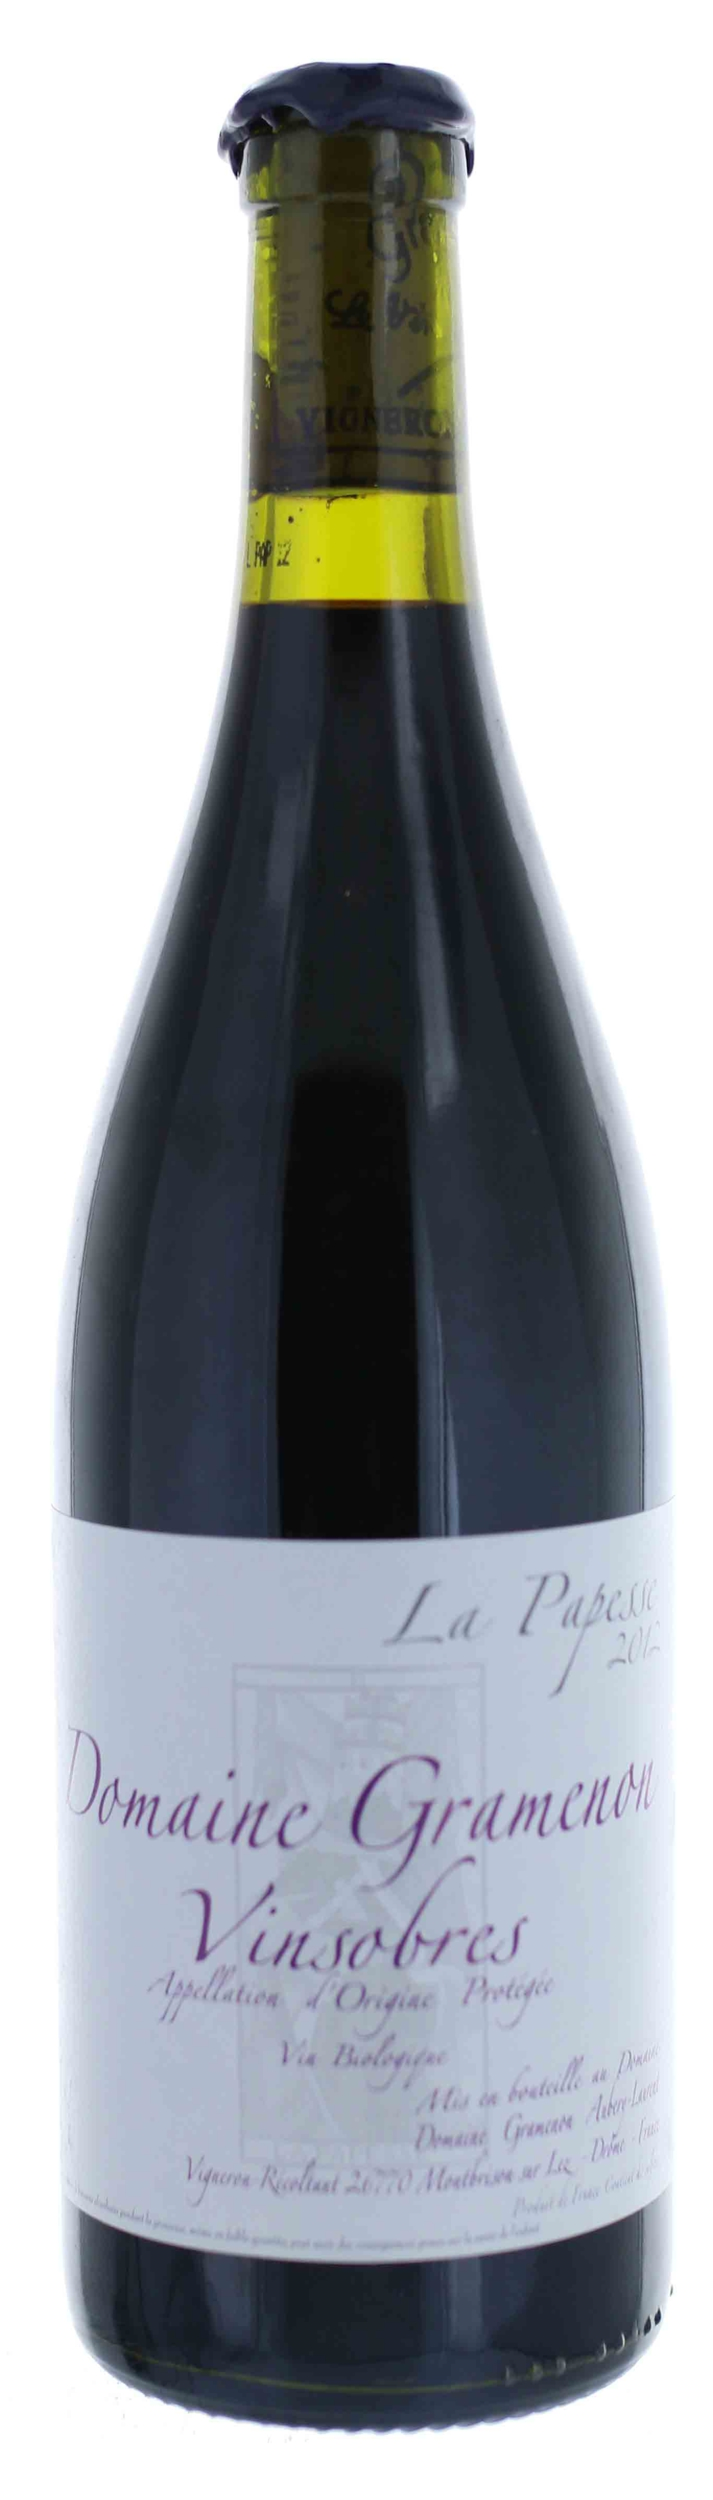 Vinsobres - La Papesse - Domaine Gramenon - 2017 - BIO